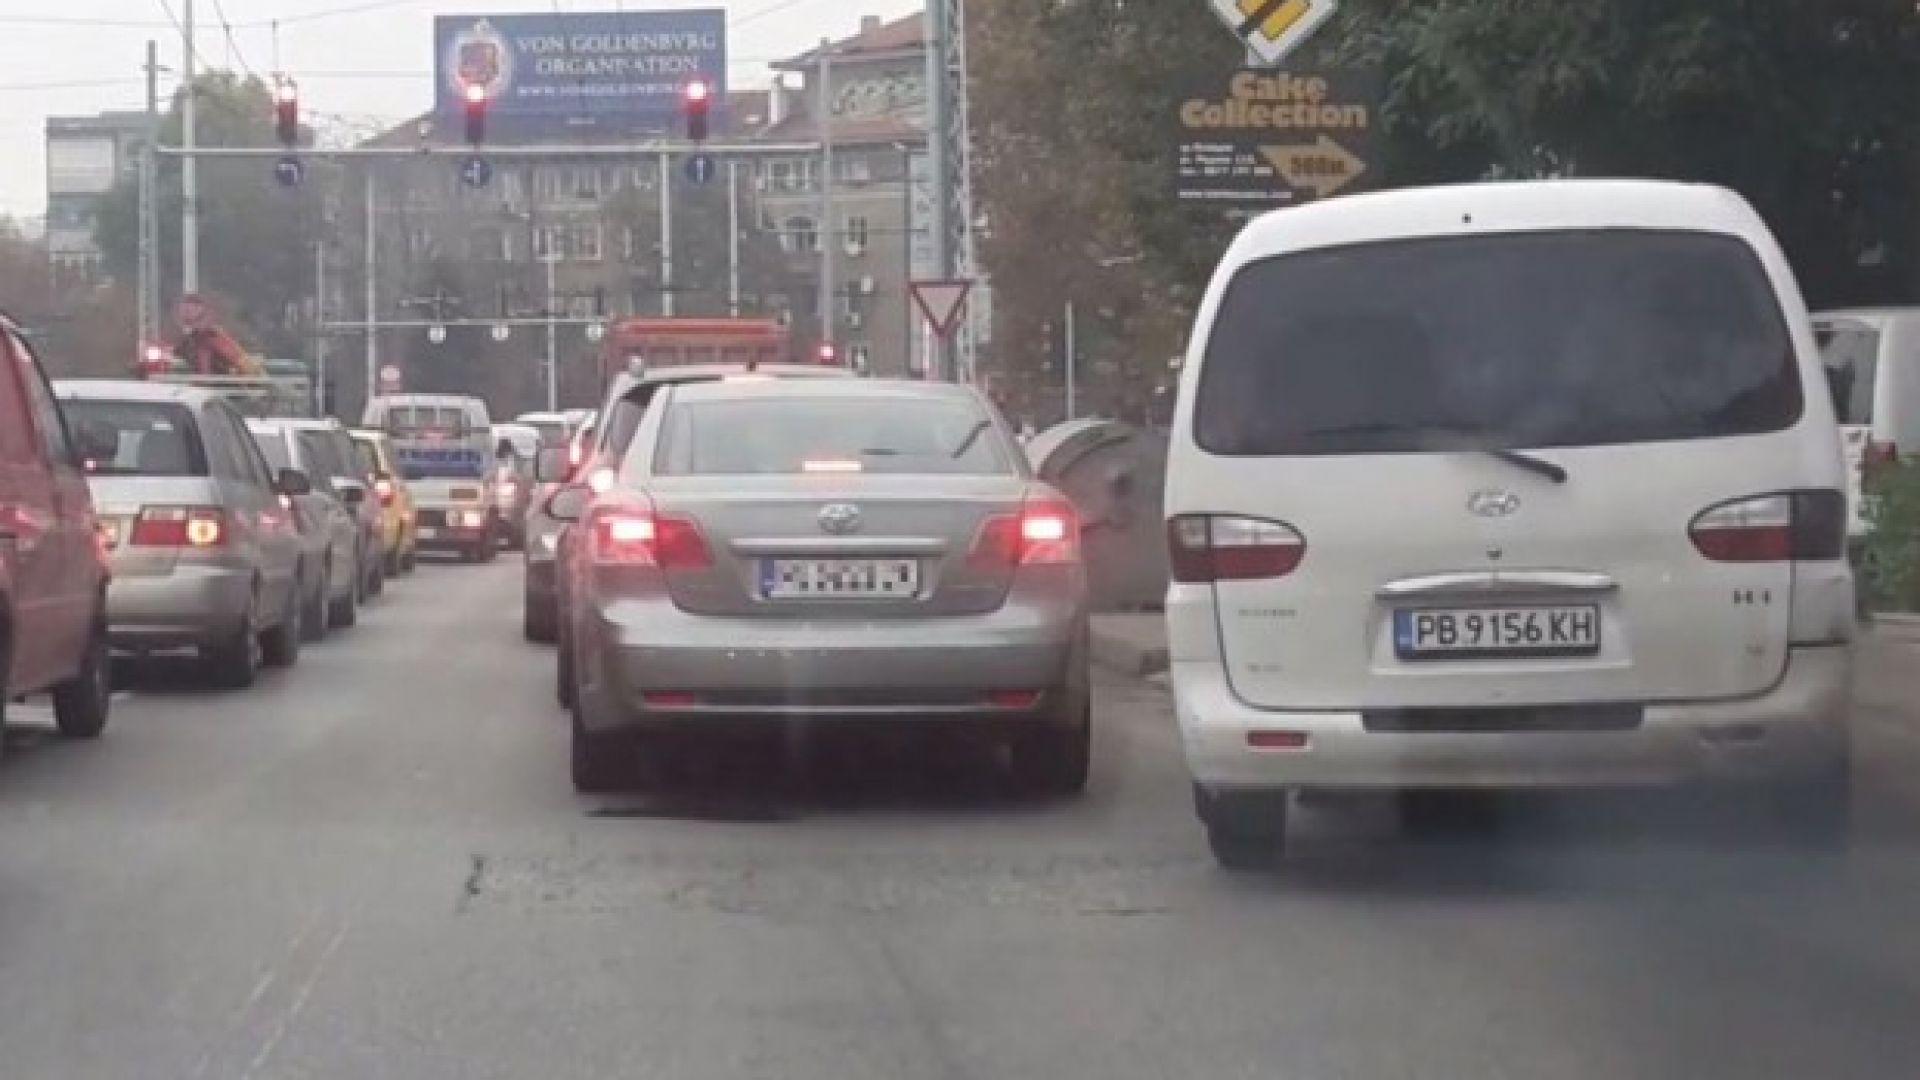 Умопомрачителна маневра: Ляв завой от десен тротоар (видео)